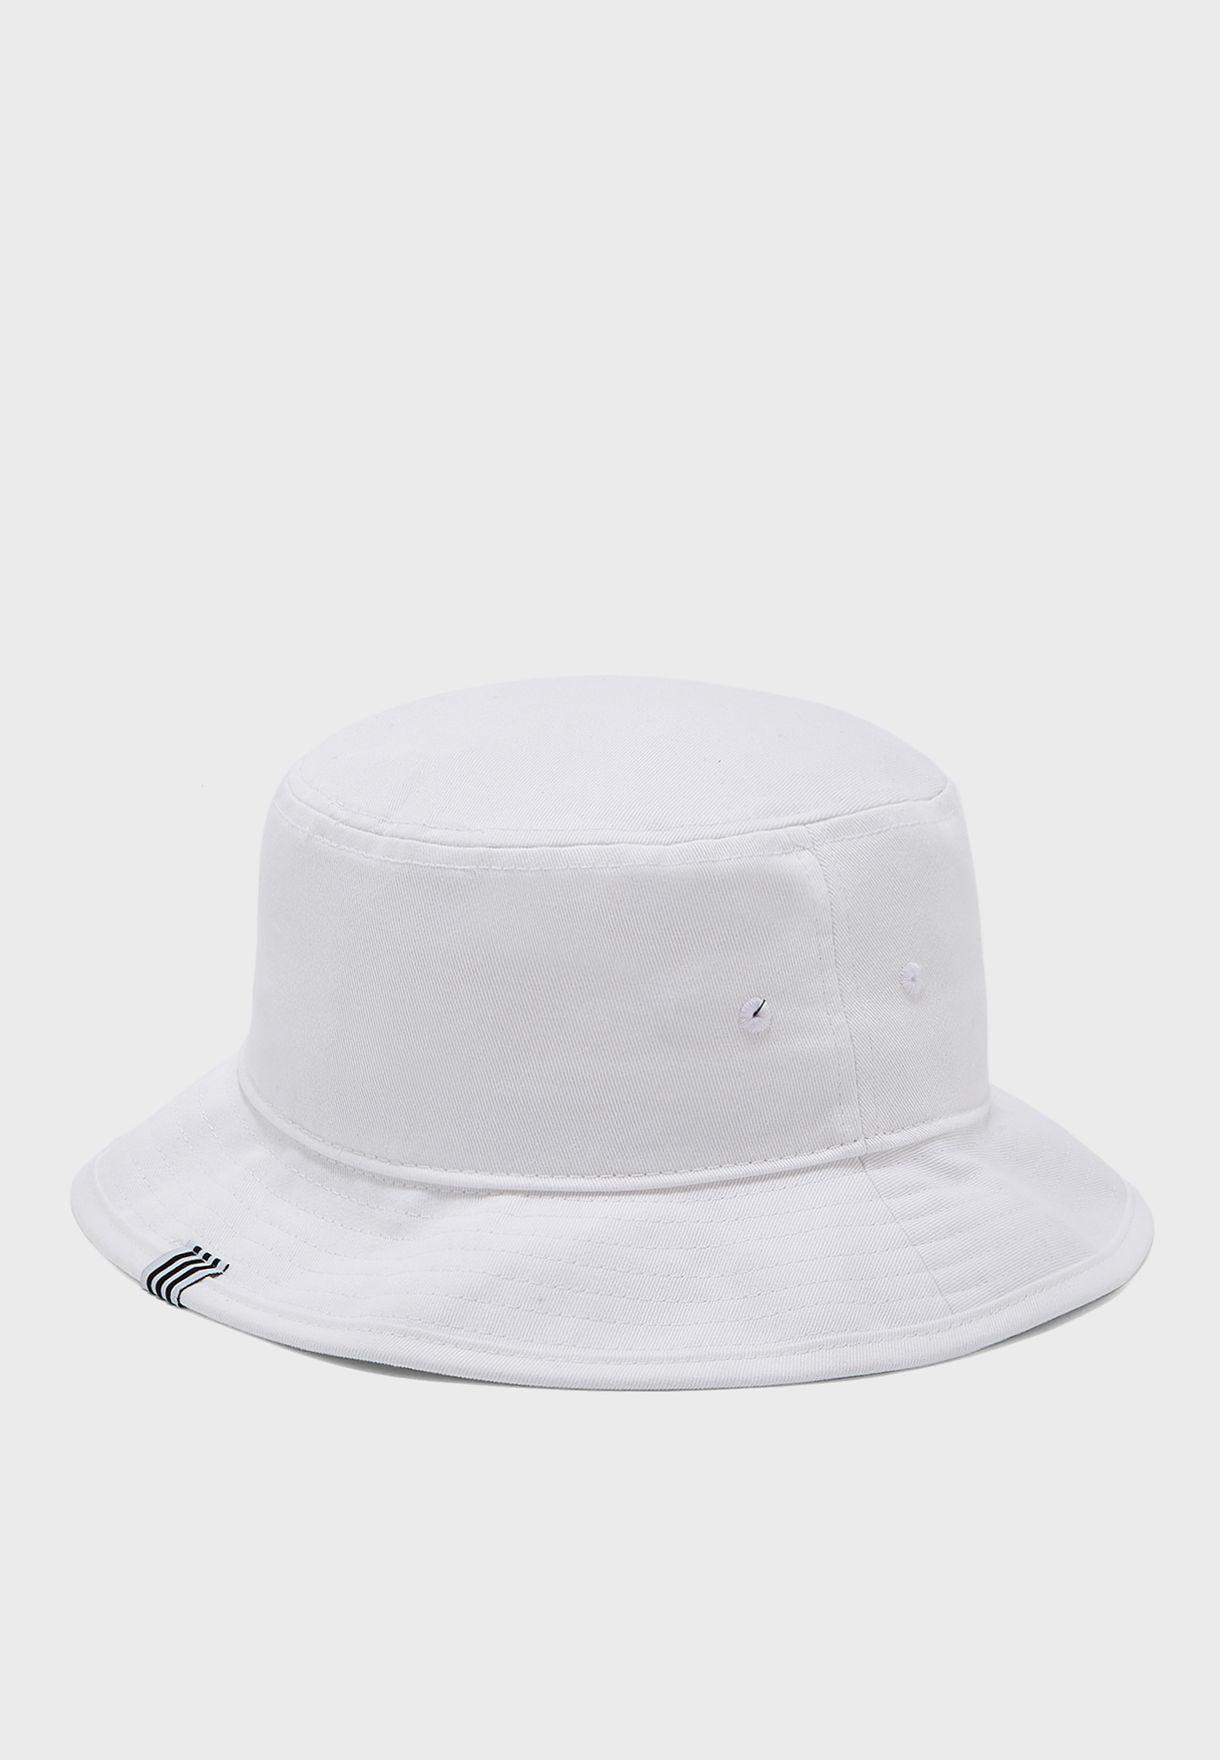 قبعة مزينة بشعار الماركة